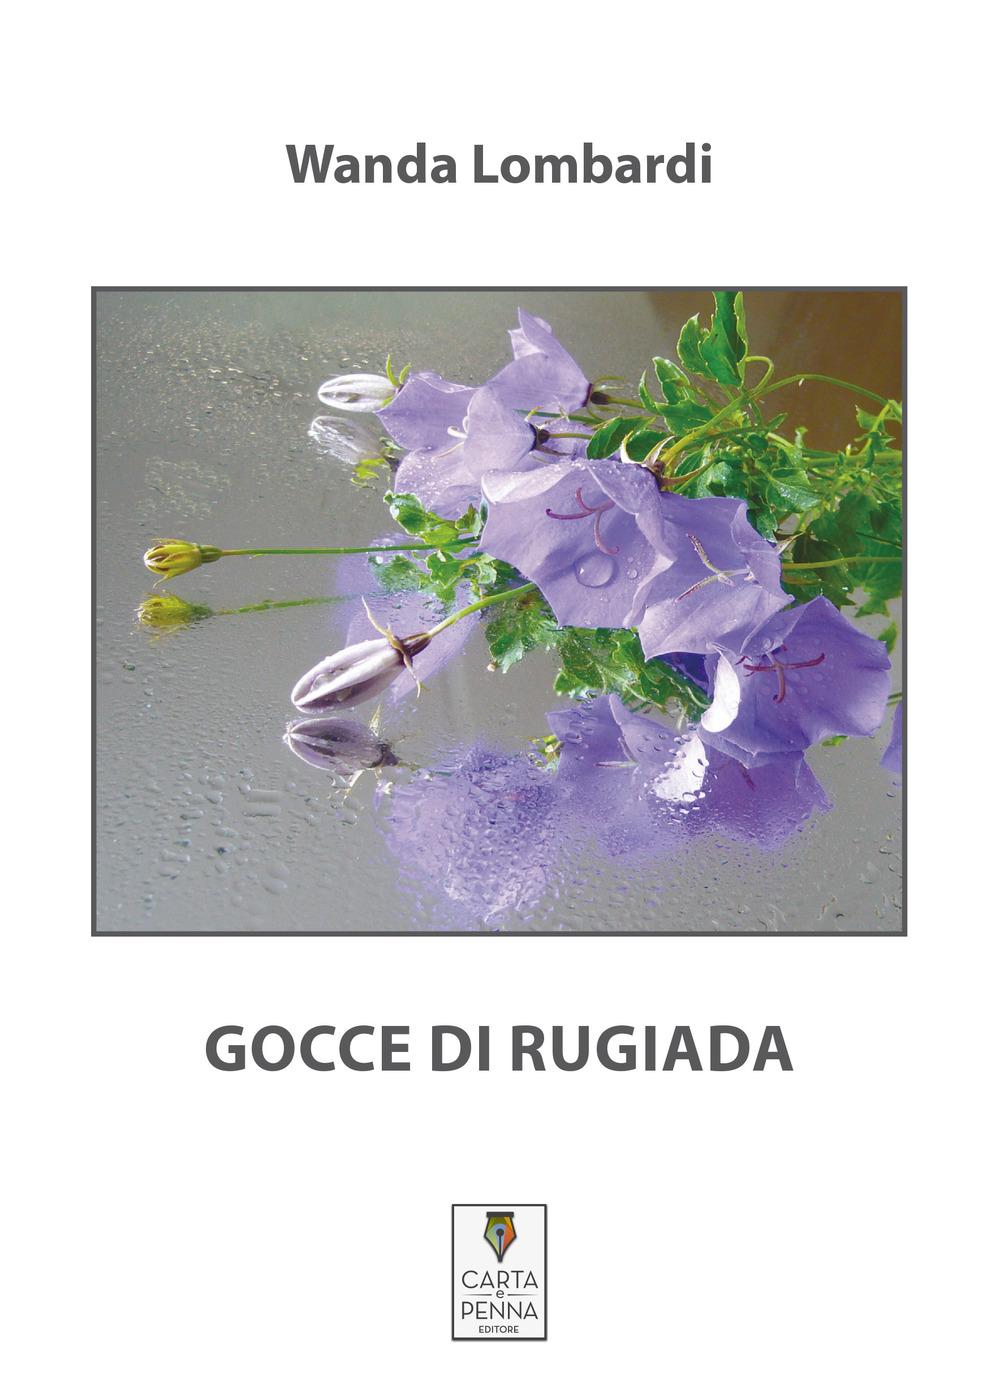 Image of Gocce di rugiada